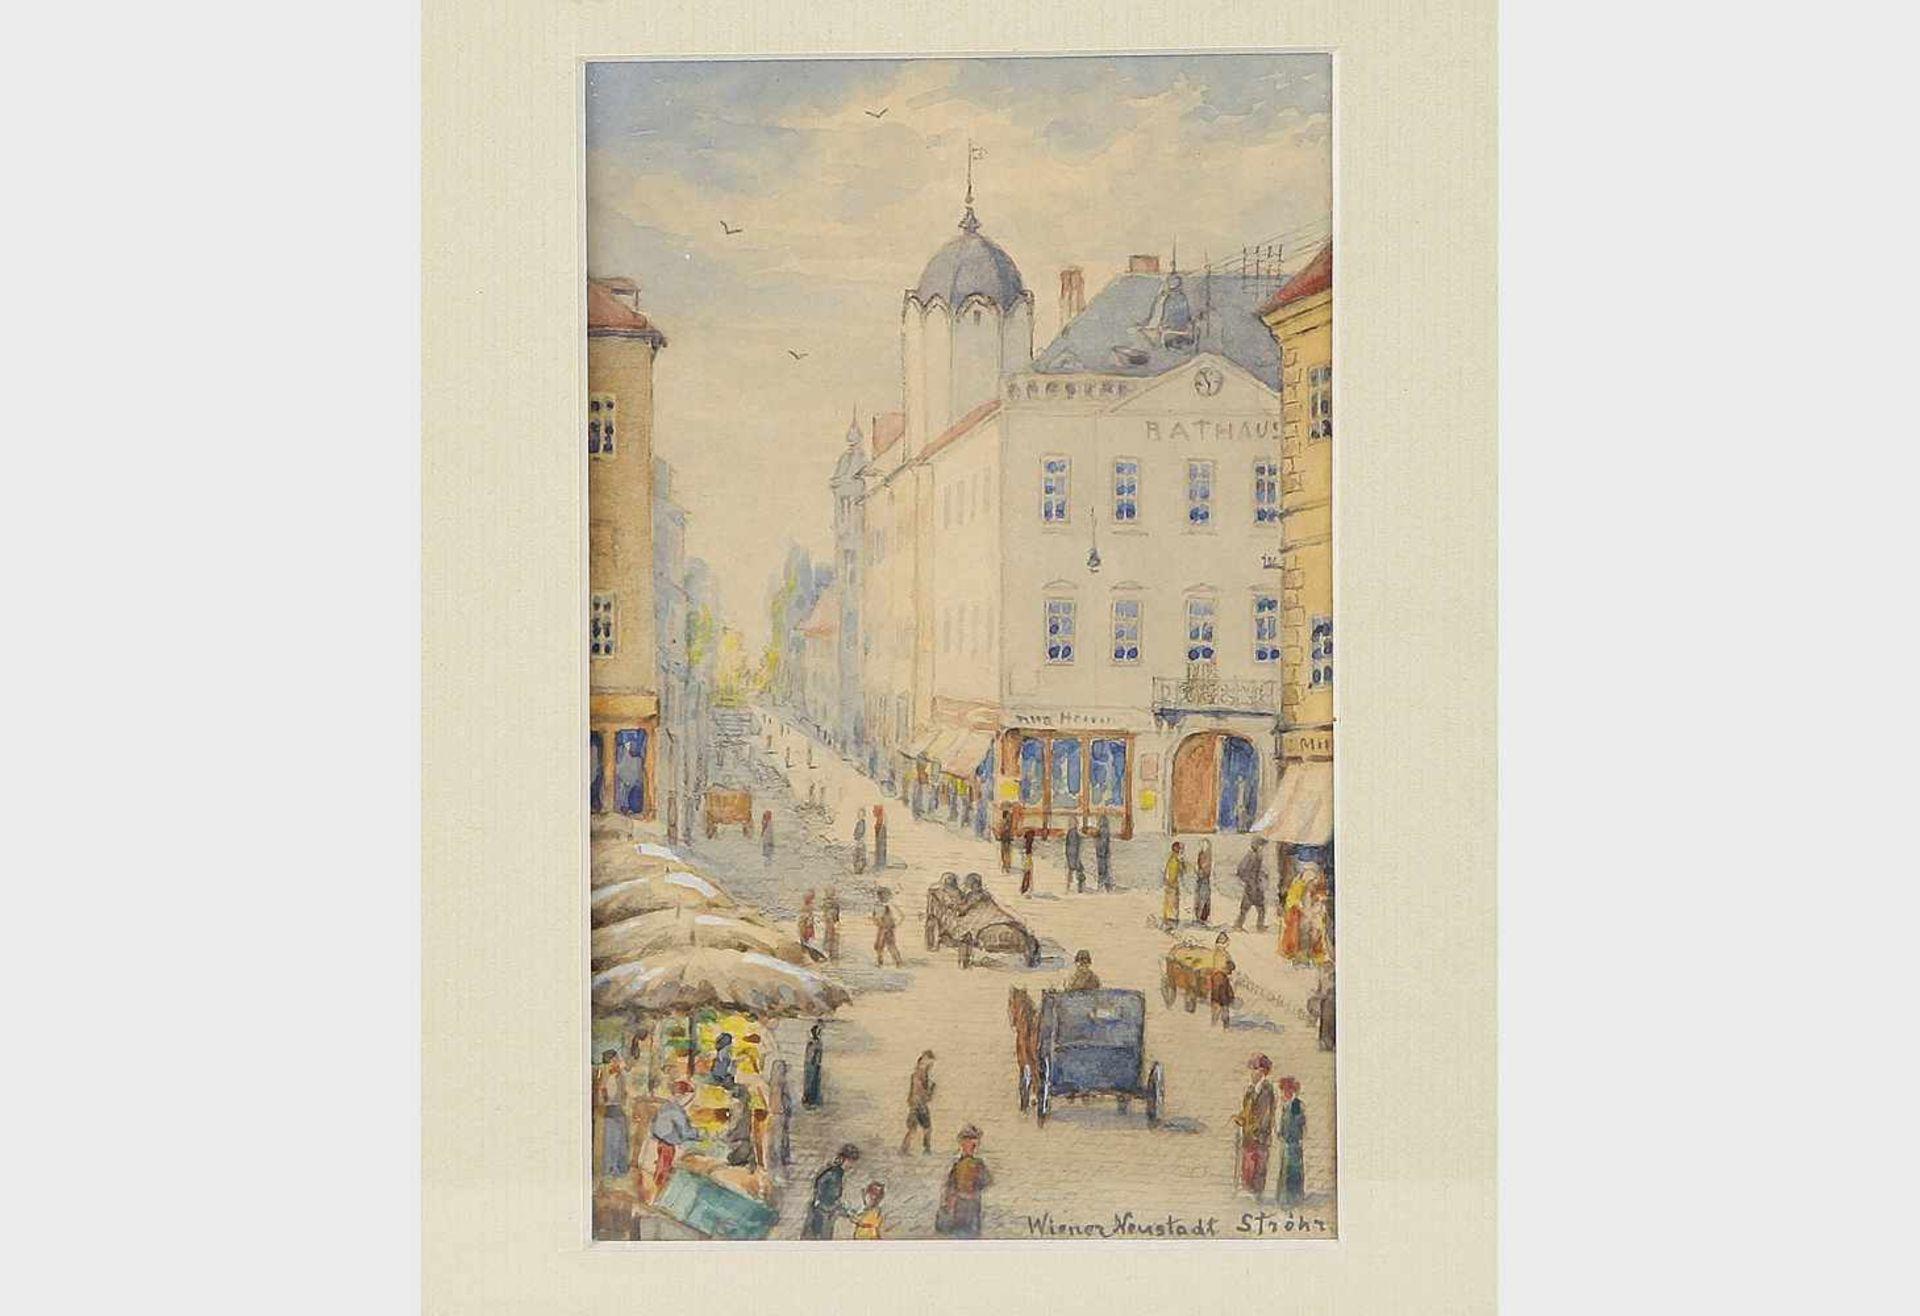 Heinrich Ströhr, Künstler Anfang 20.Jh.,Wiener Neustadt, Aquarell auf Papier, signiert Ströhr,